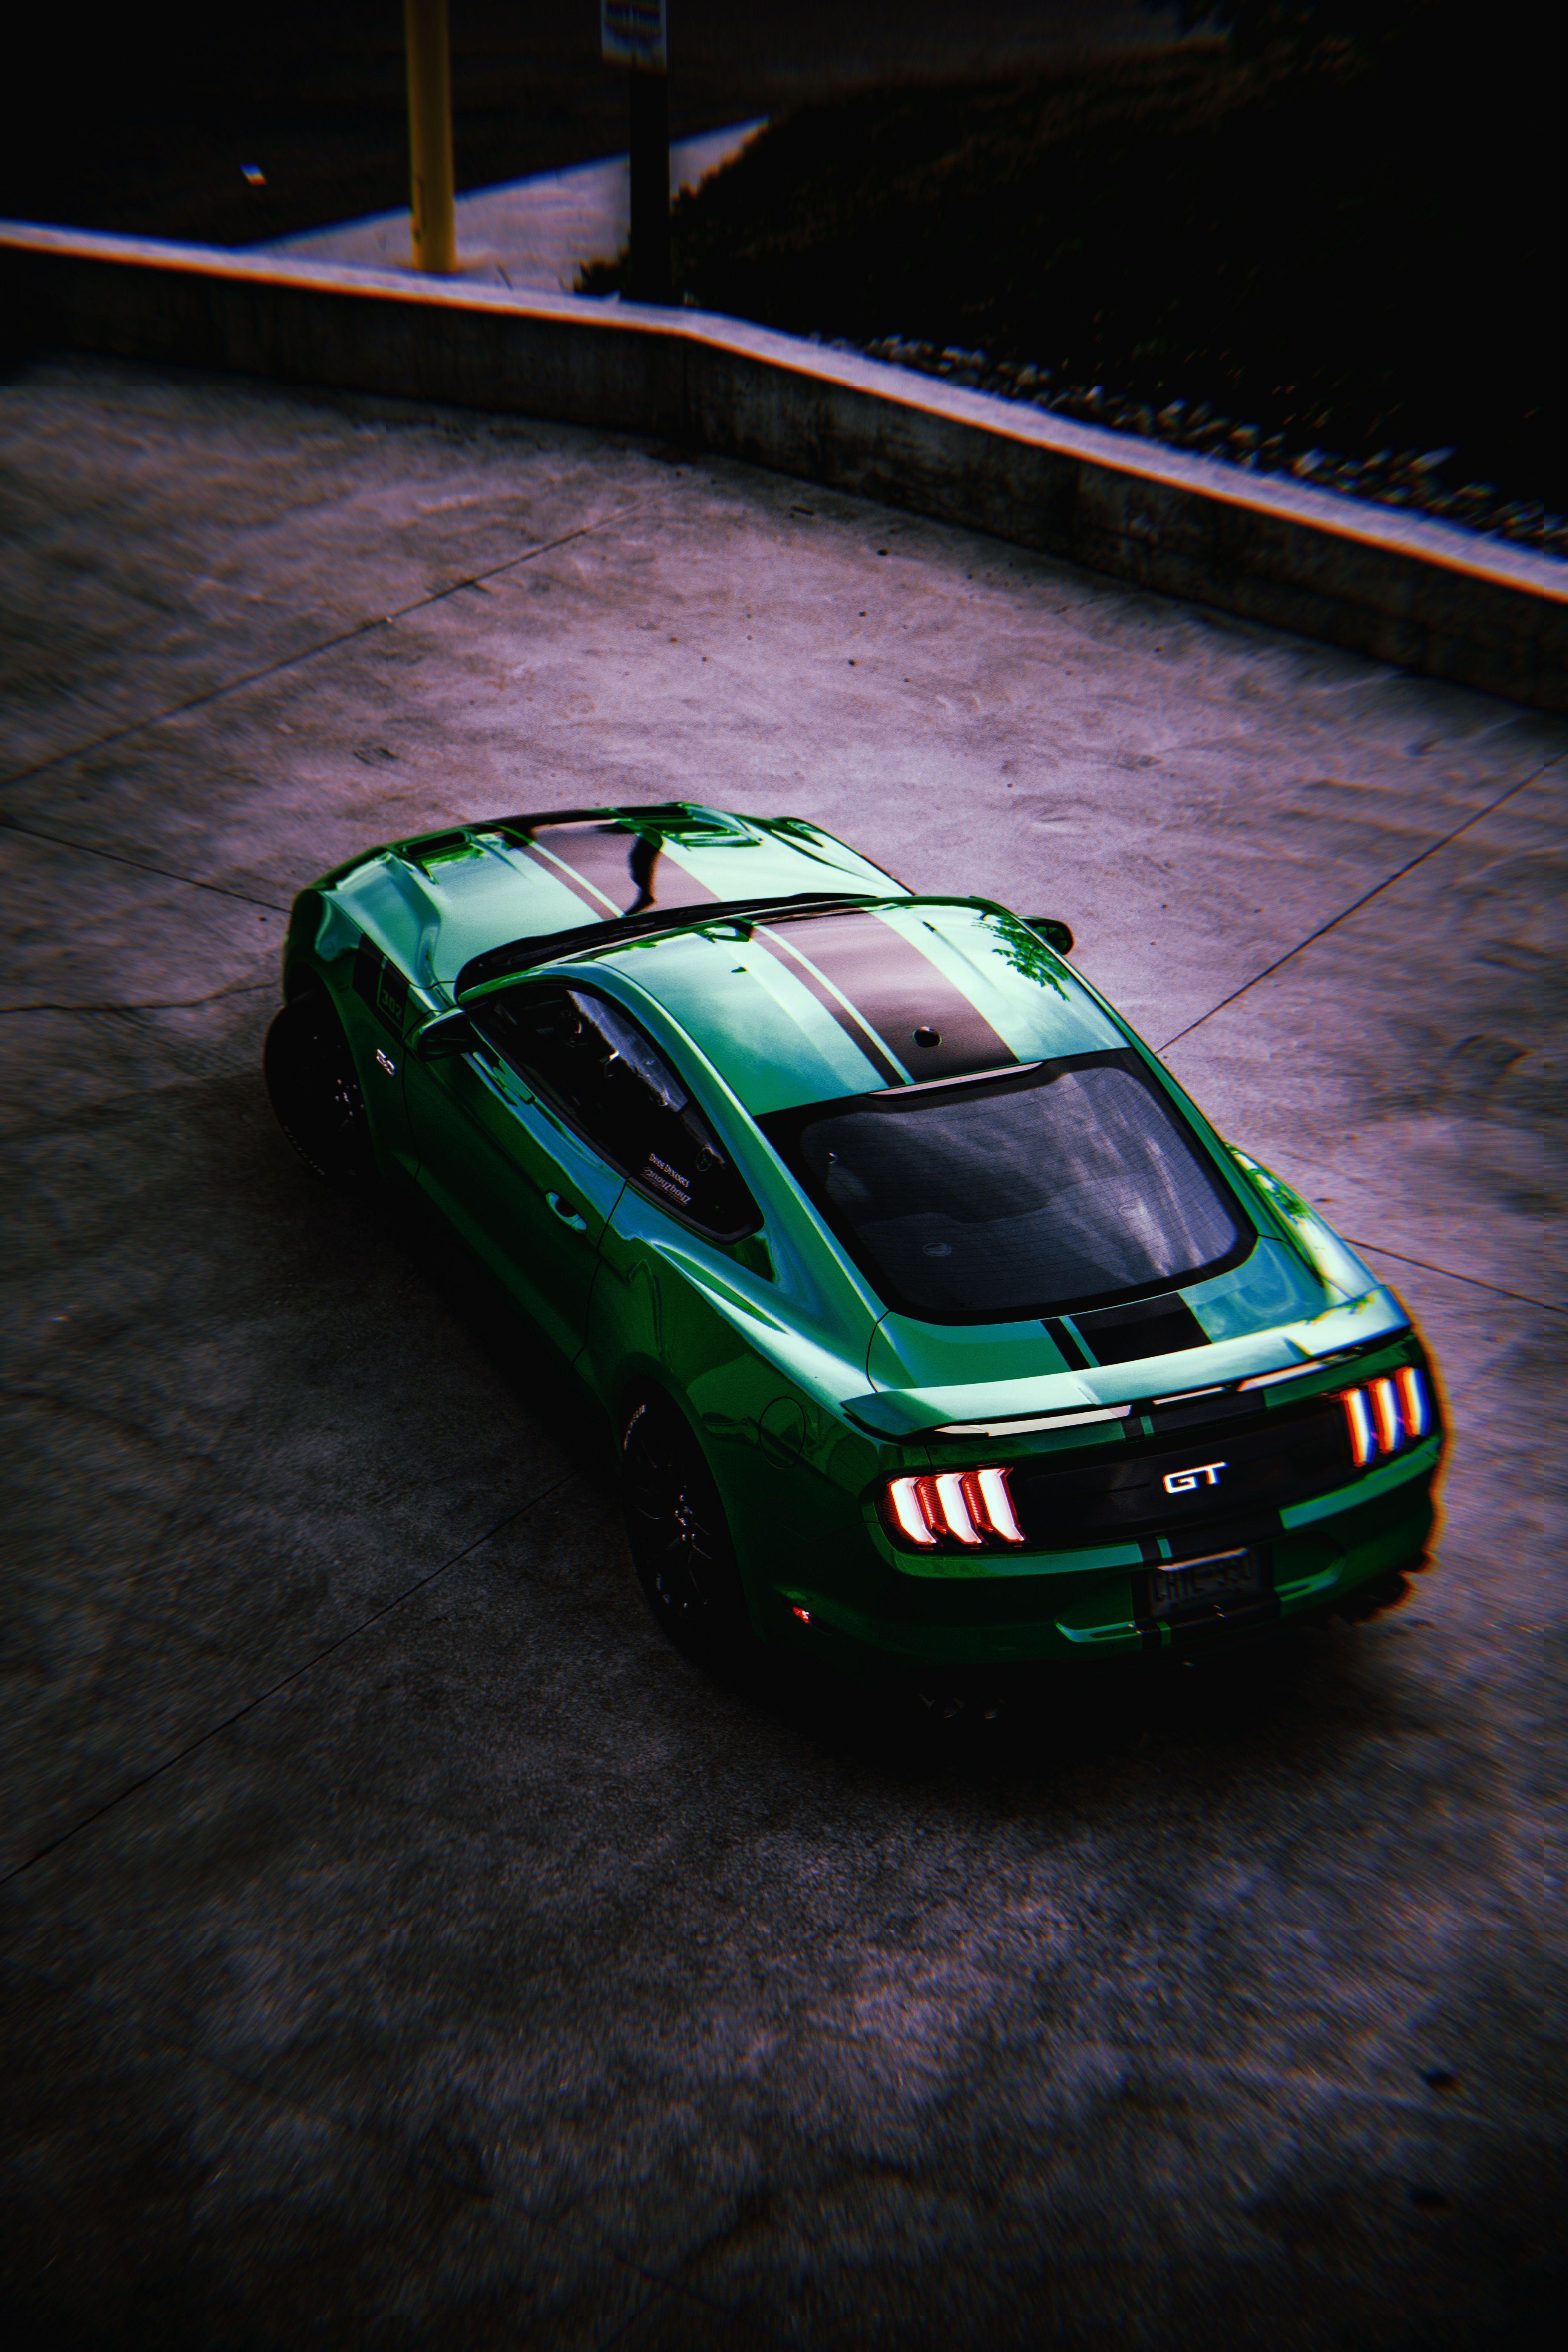 Bmw Mercedesbenz Astonmartin Porsche Luxury Speed Chevrolet